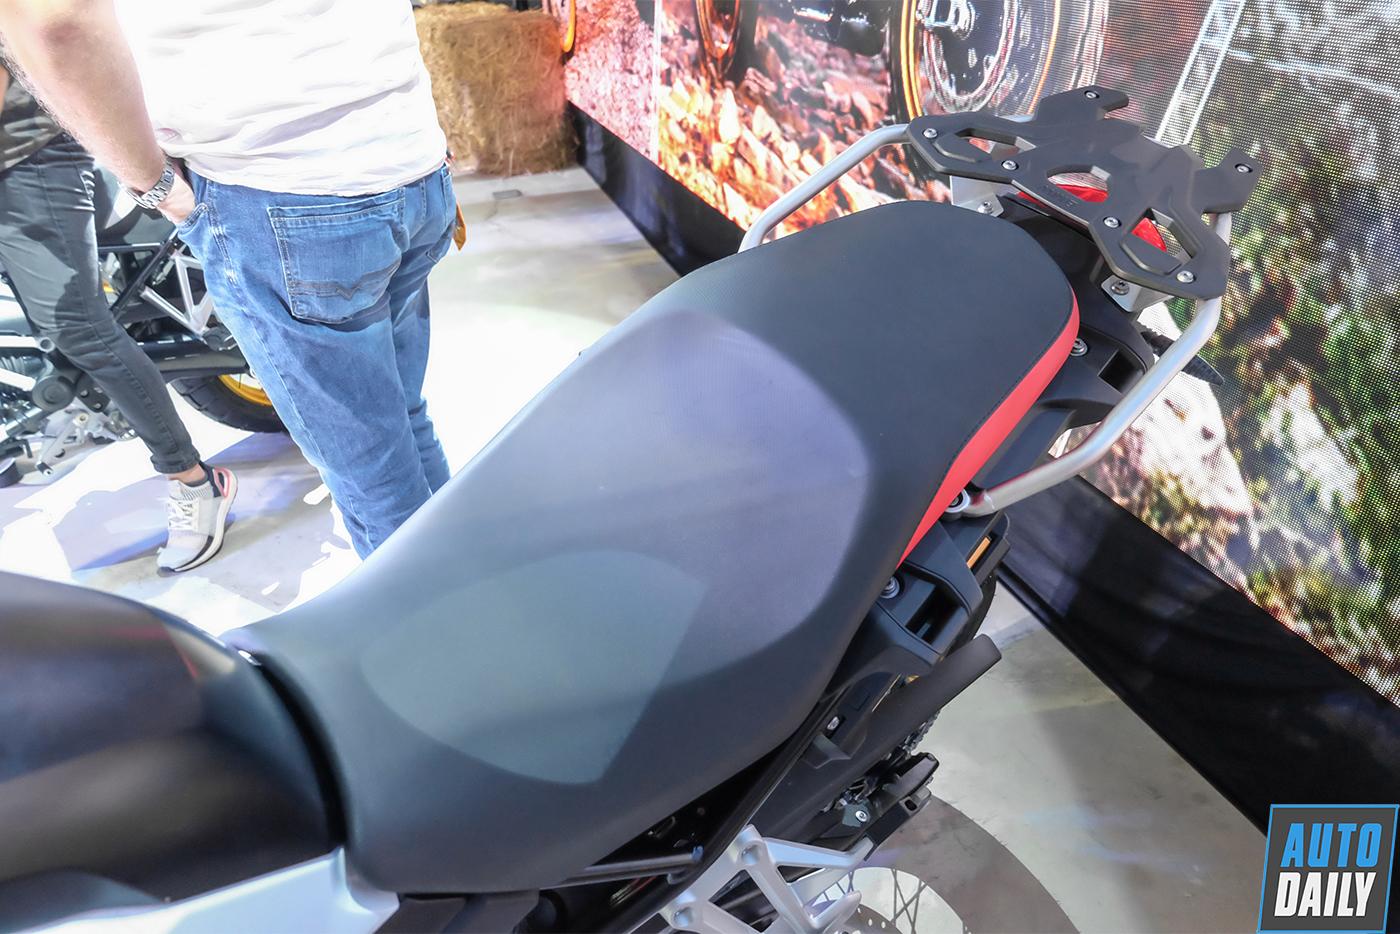 bmw-motorrad-f-850-gs-2019-53.jpg